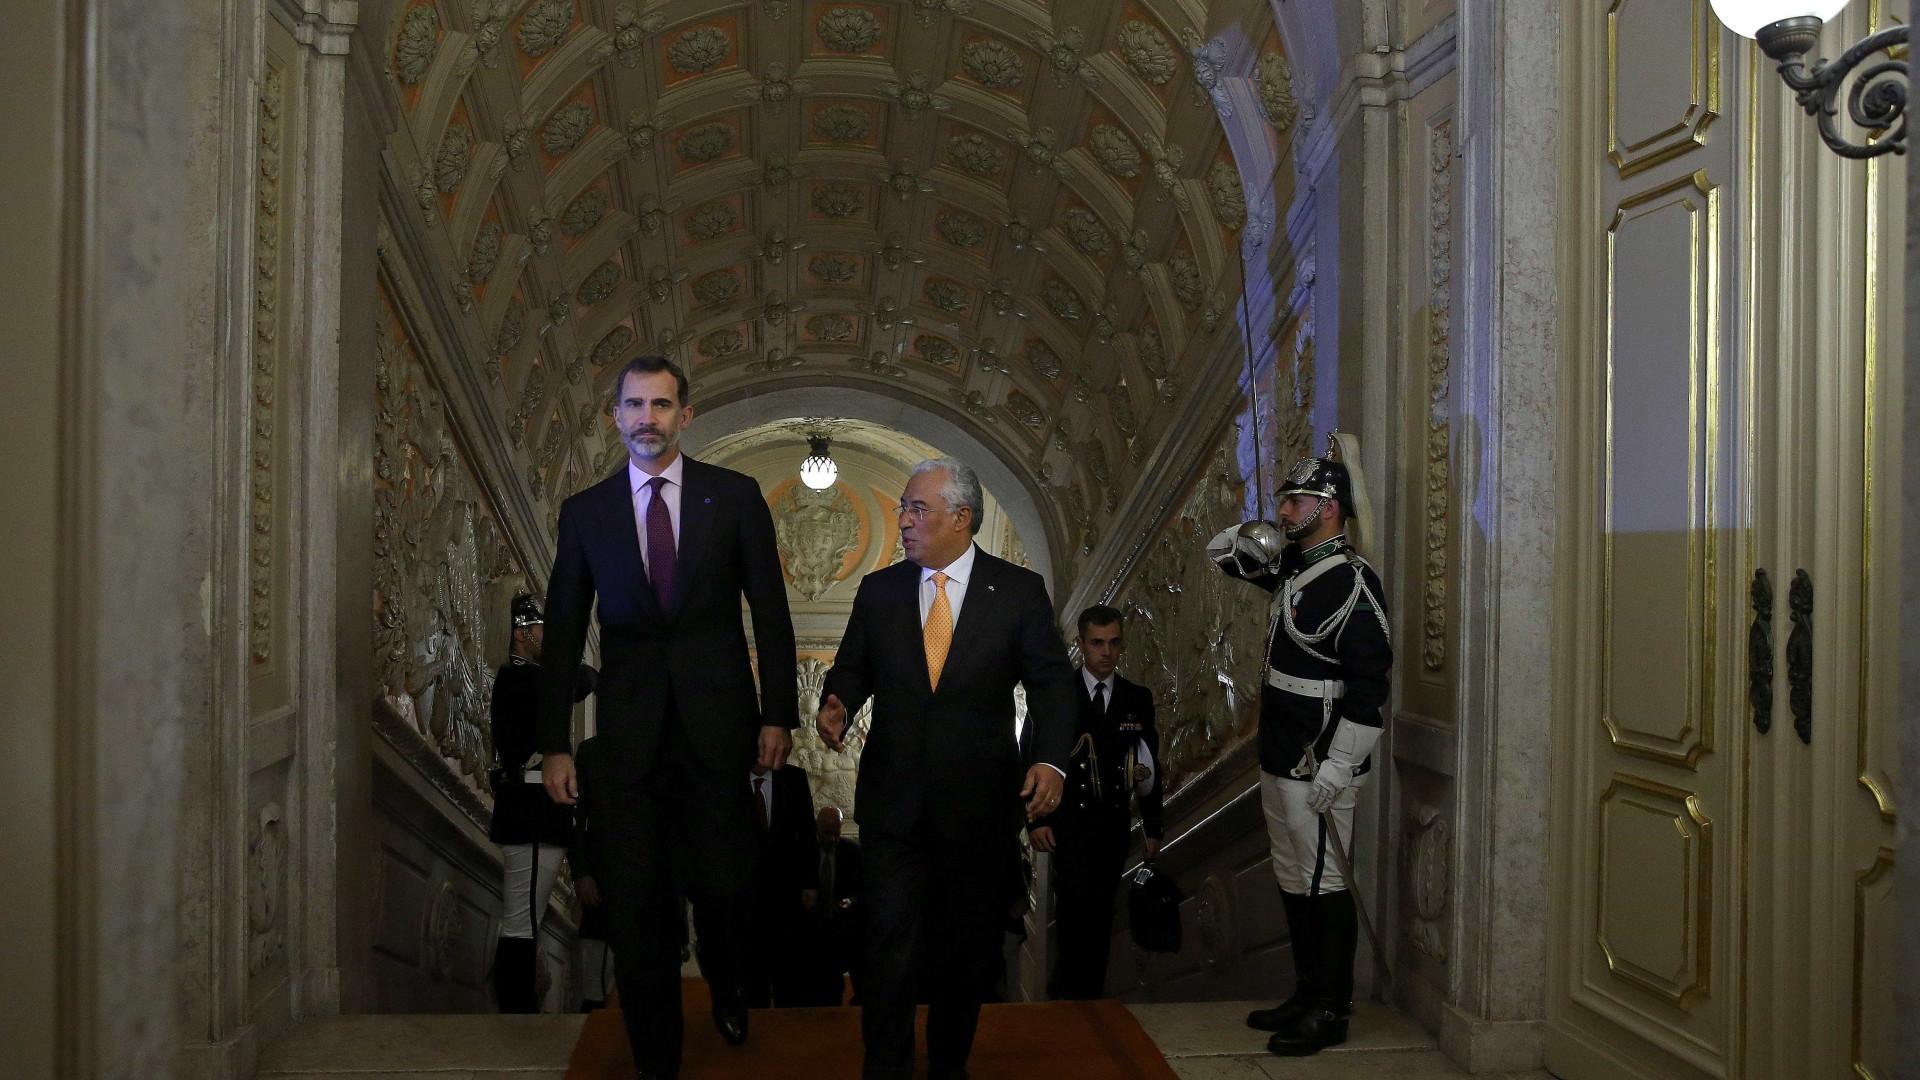 Costa diz a Filipe VI que cooperação transfronteiriça é prioridade